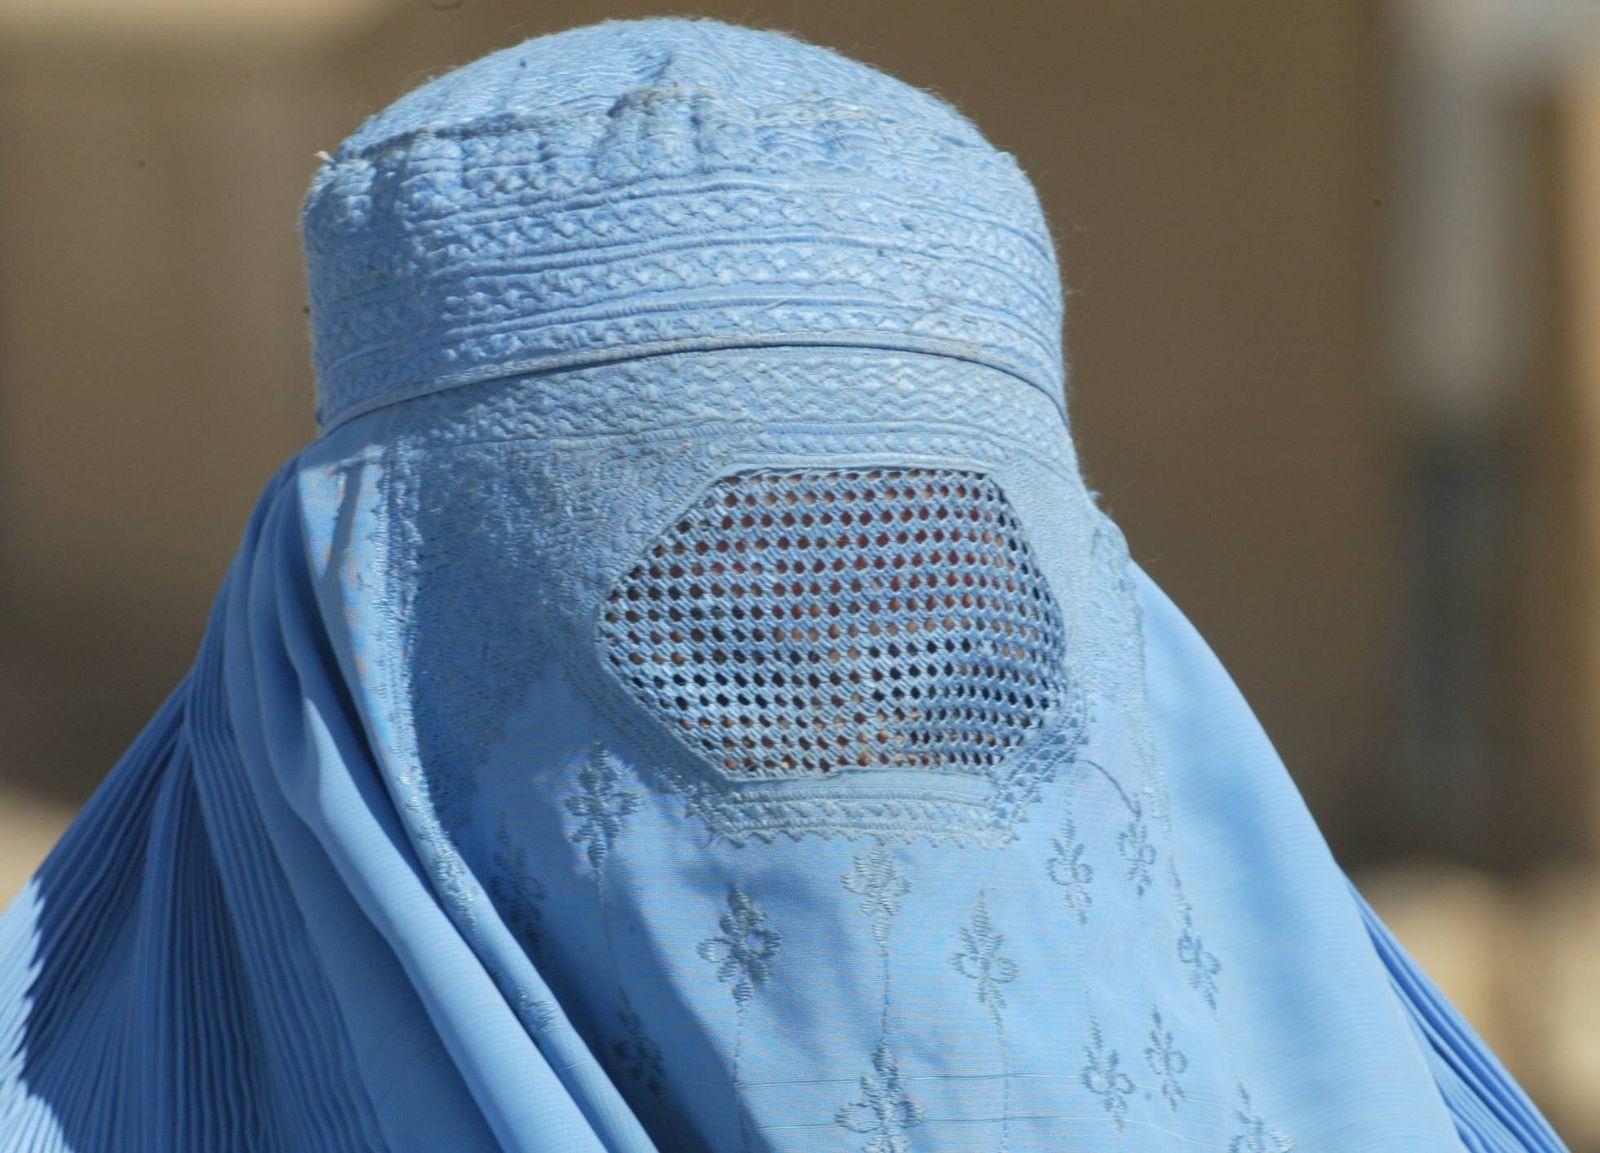 NICHT VERWENDEN Burka